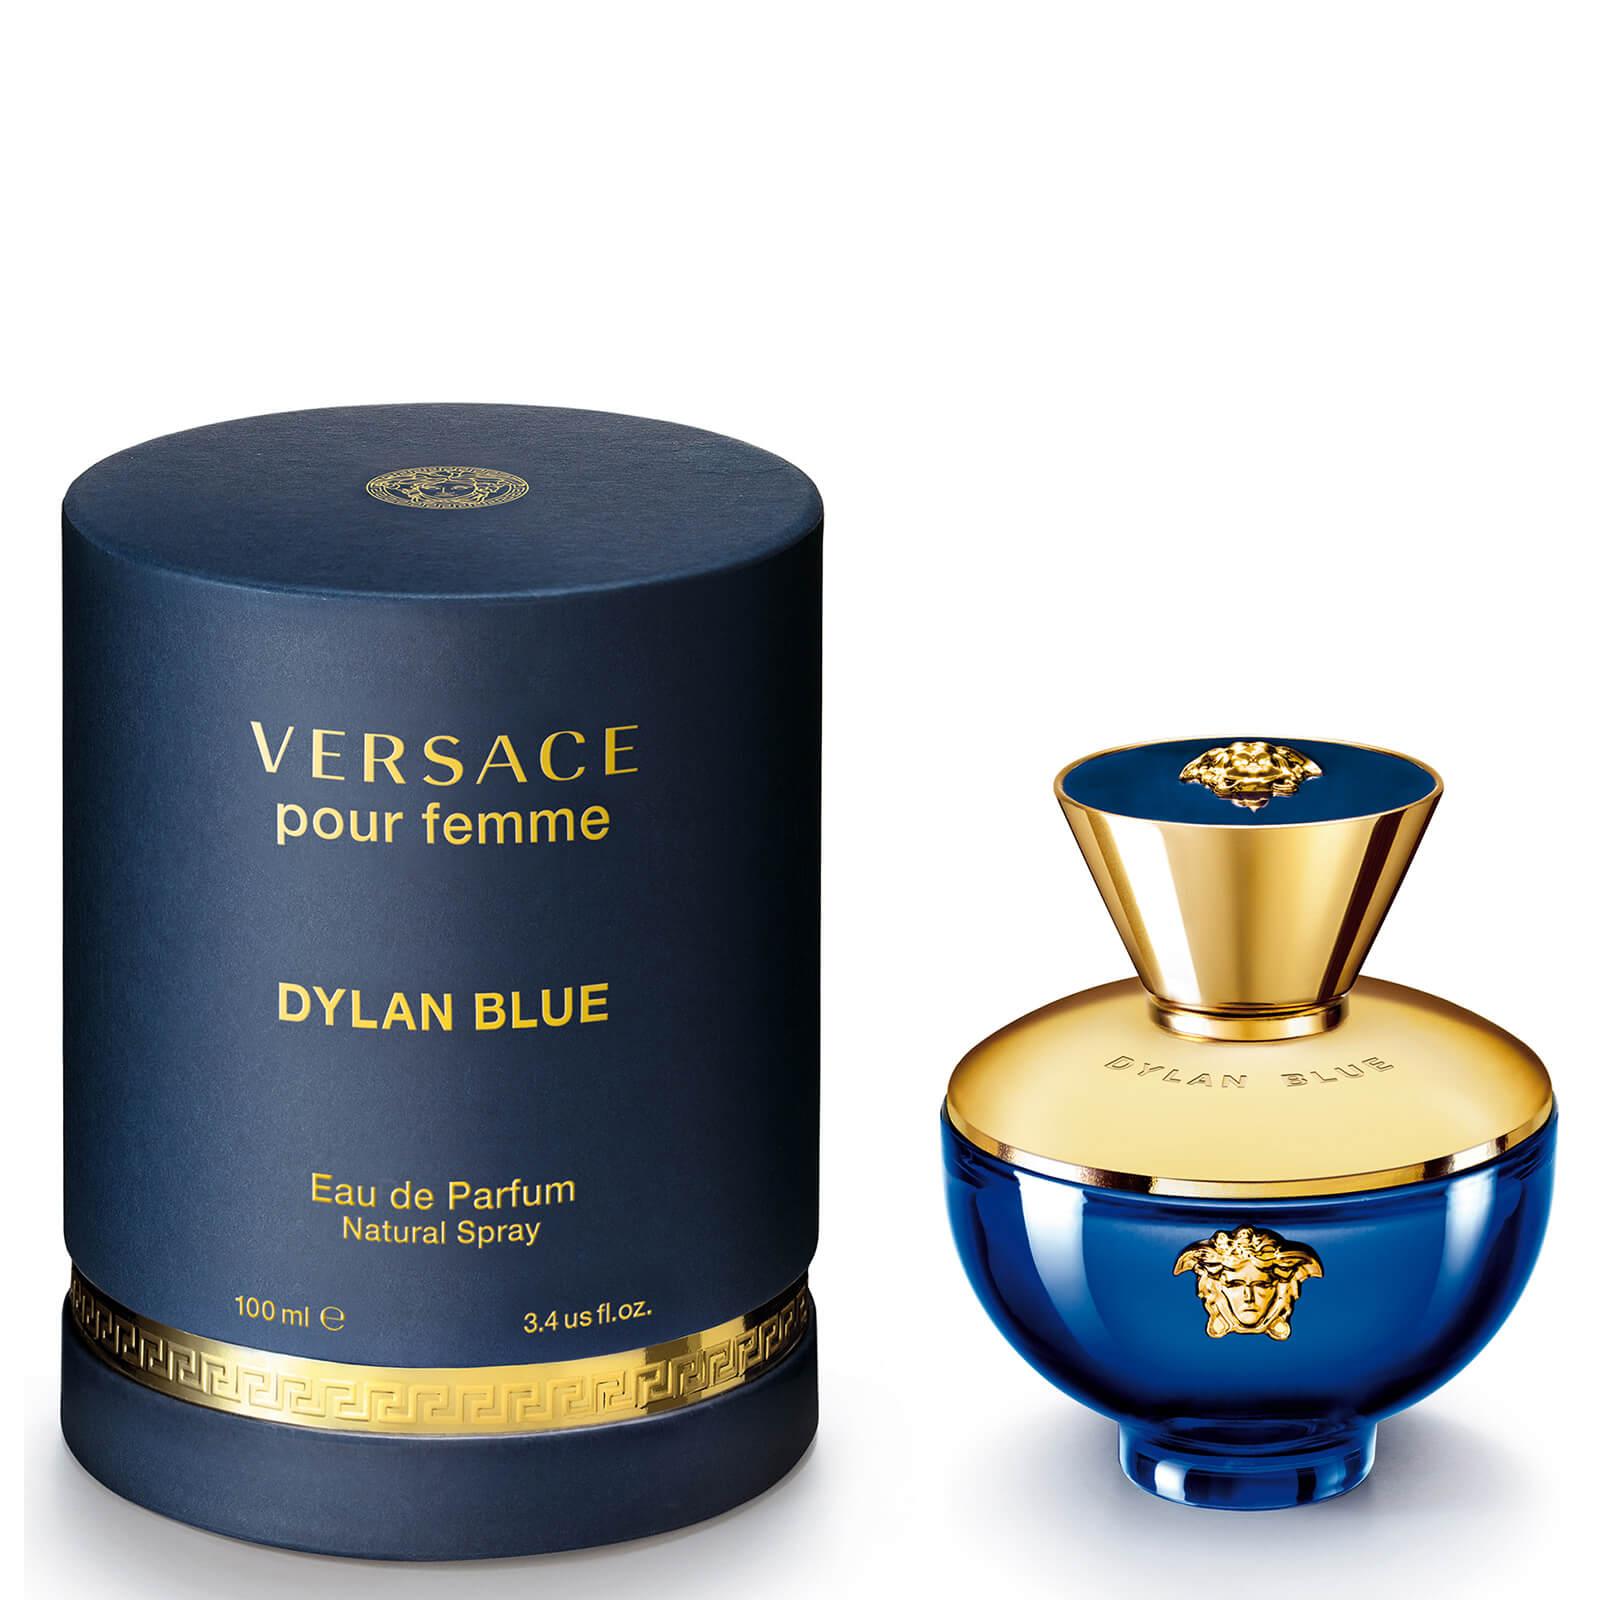 Versace Pour Femme Dylan Blue Eau De Parfum 100ml Free Shipping